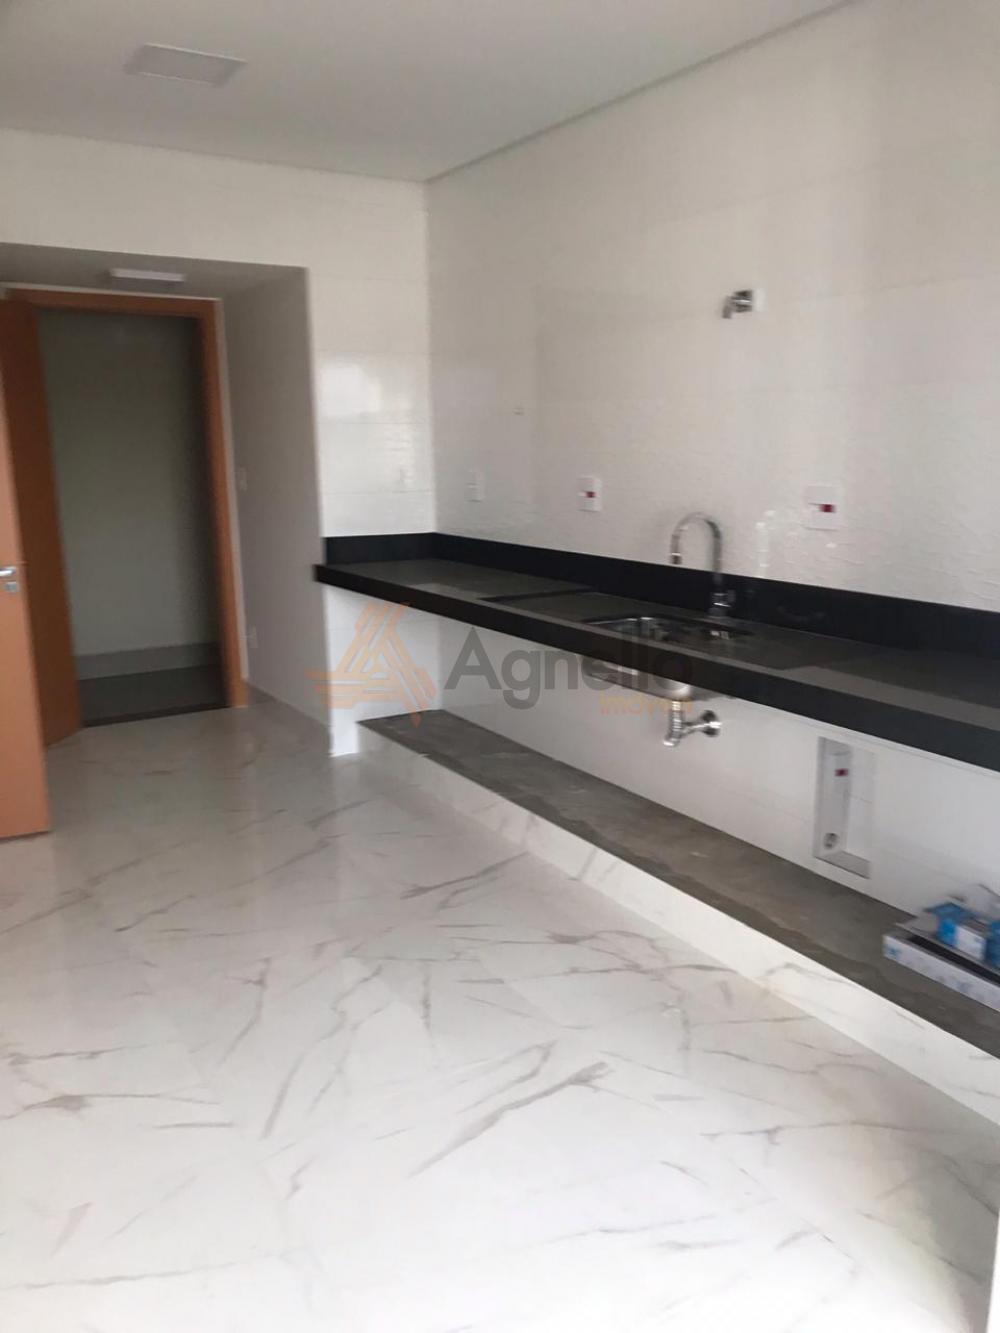 Comprar Apartamento / Padrão em Franca R$ 750.000,00 - Foto 7